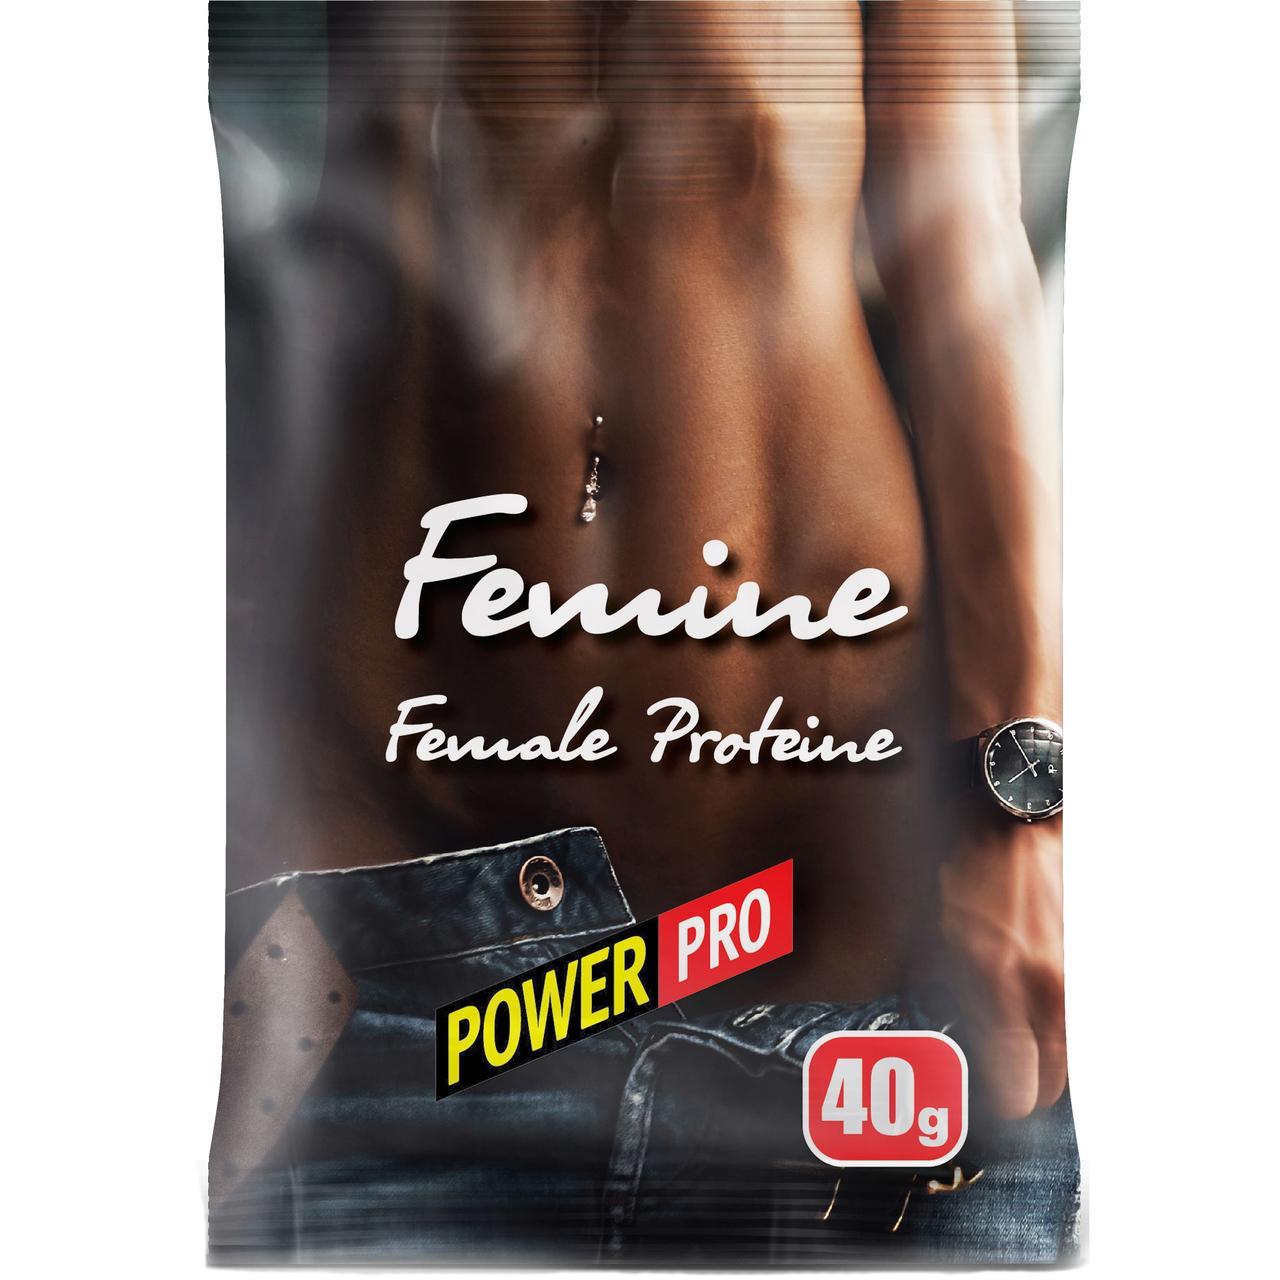 Power Pro FEMINE 40 g